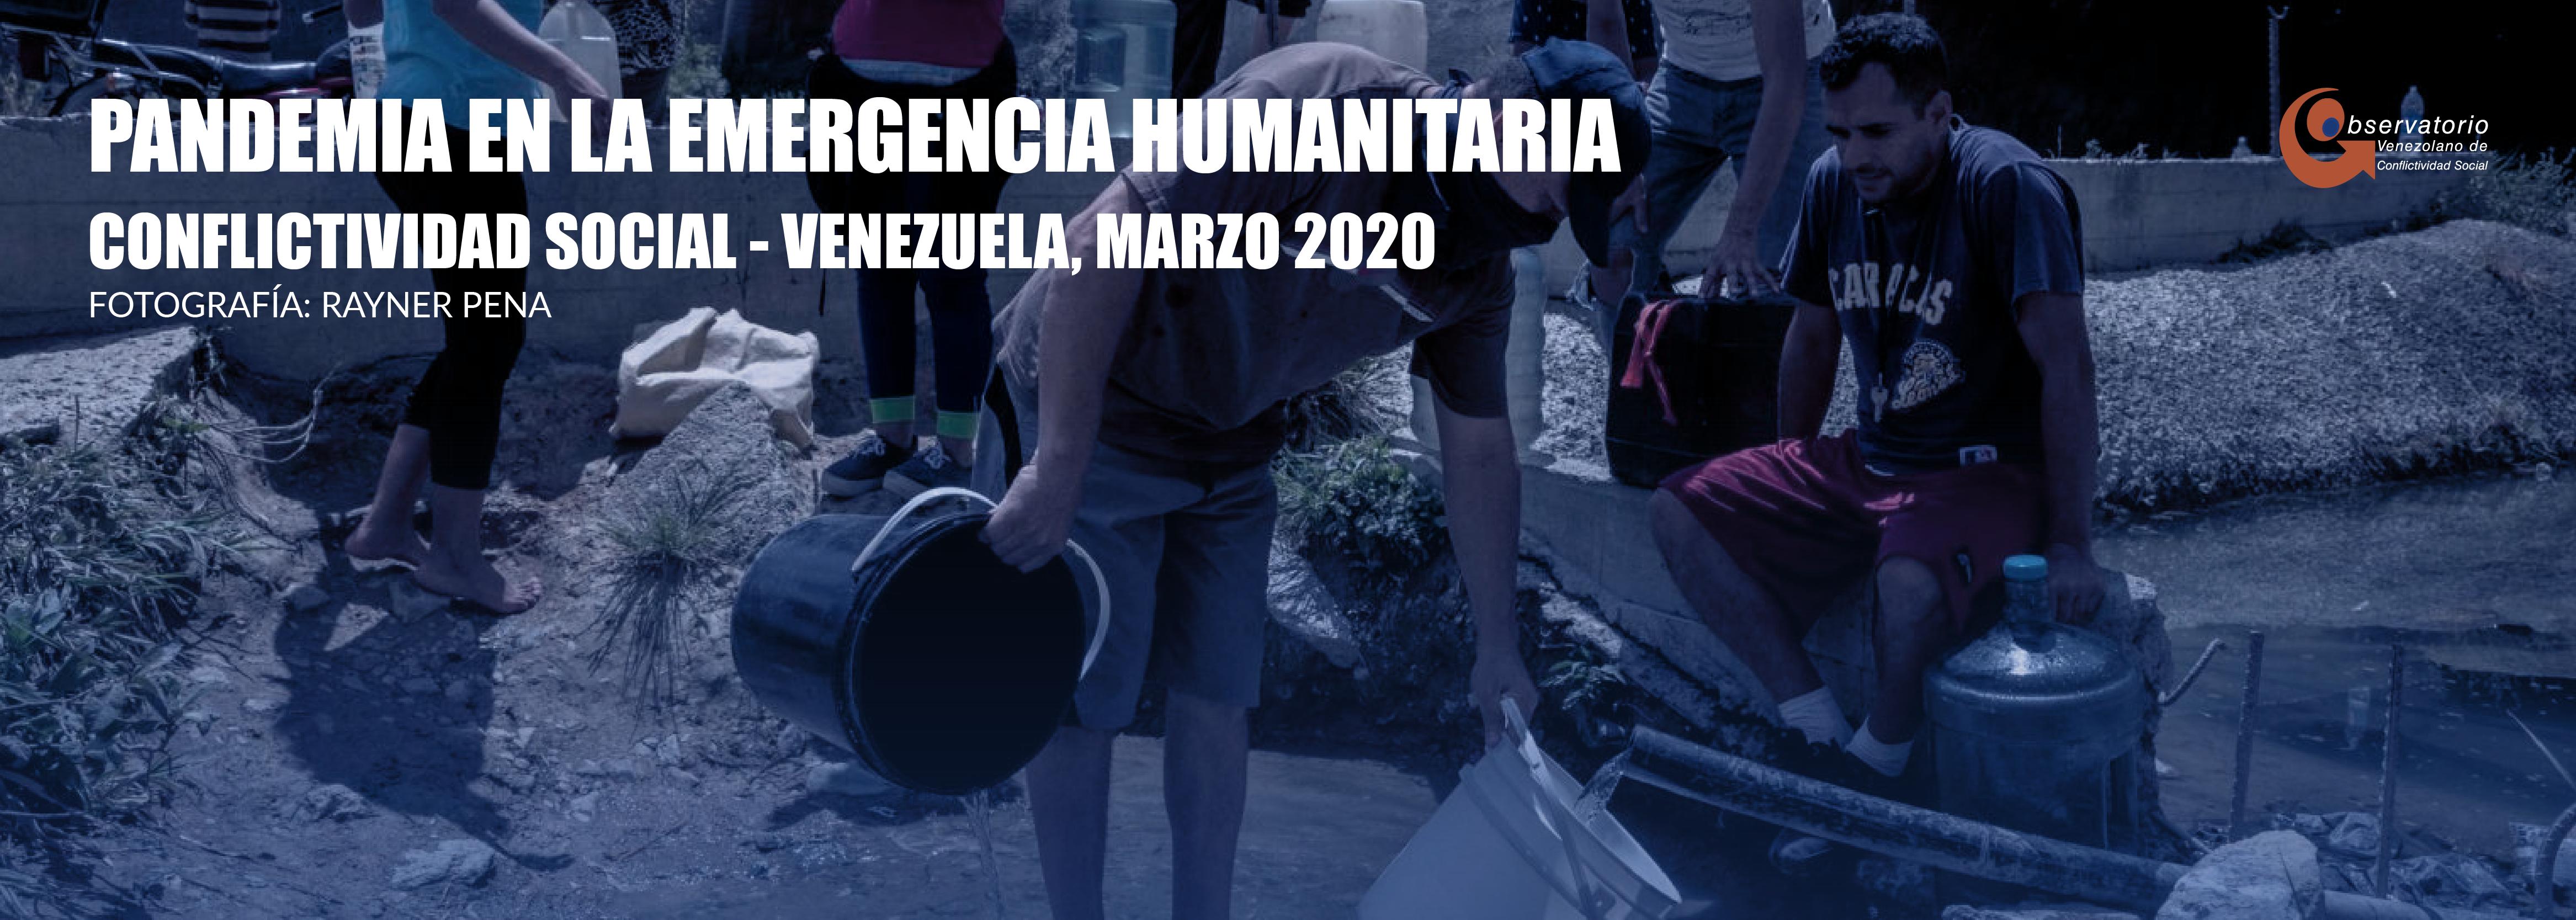 Conflictividad social en Venezuela en marzo 2020